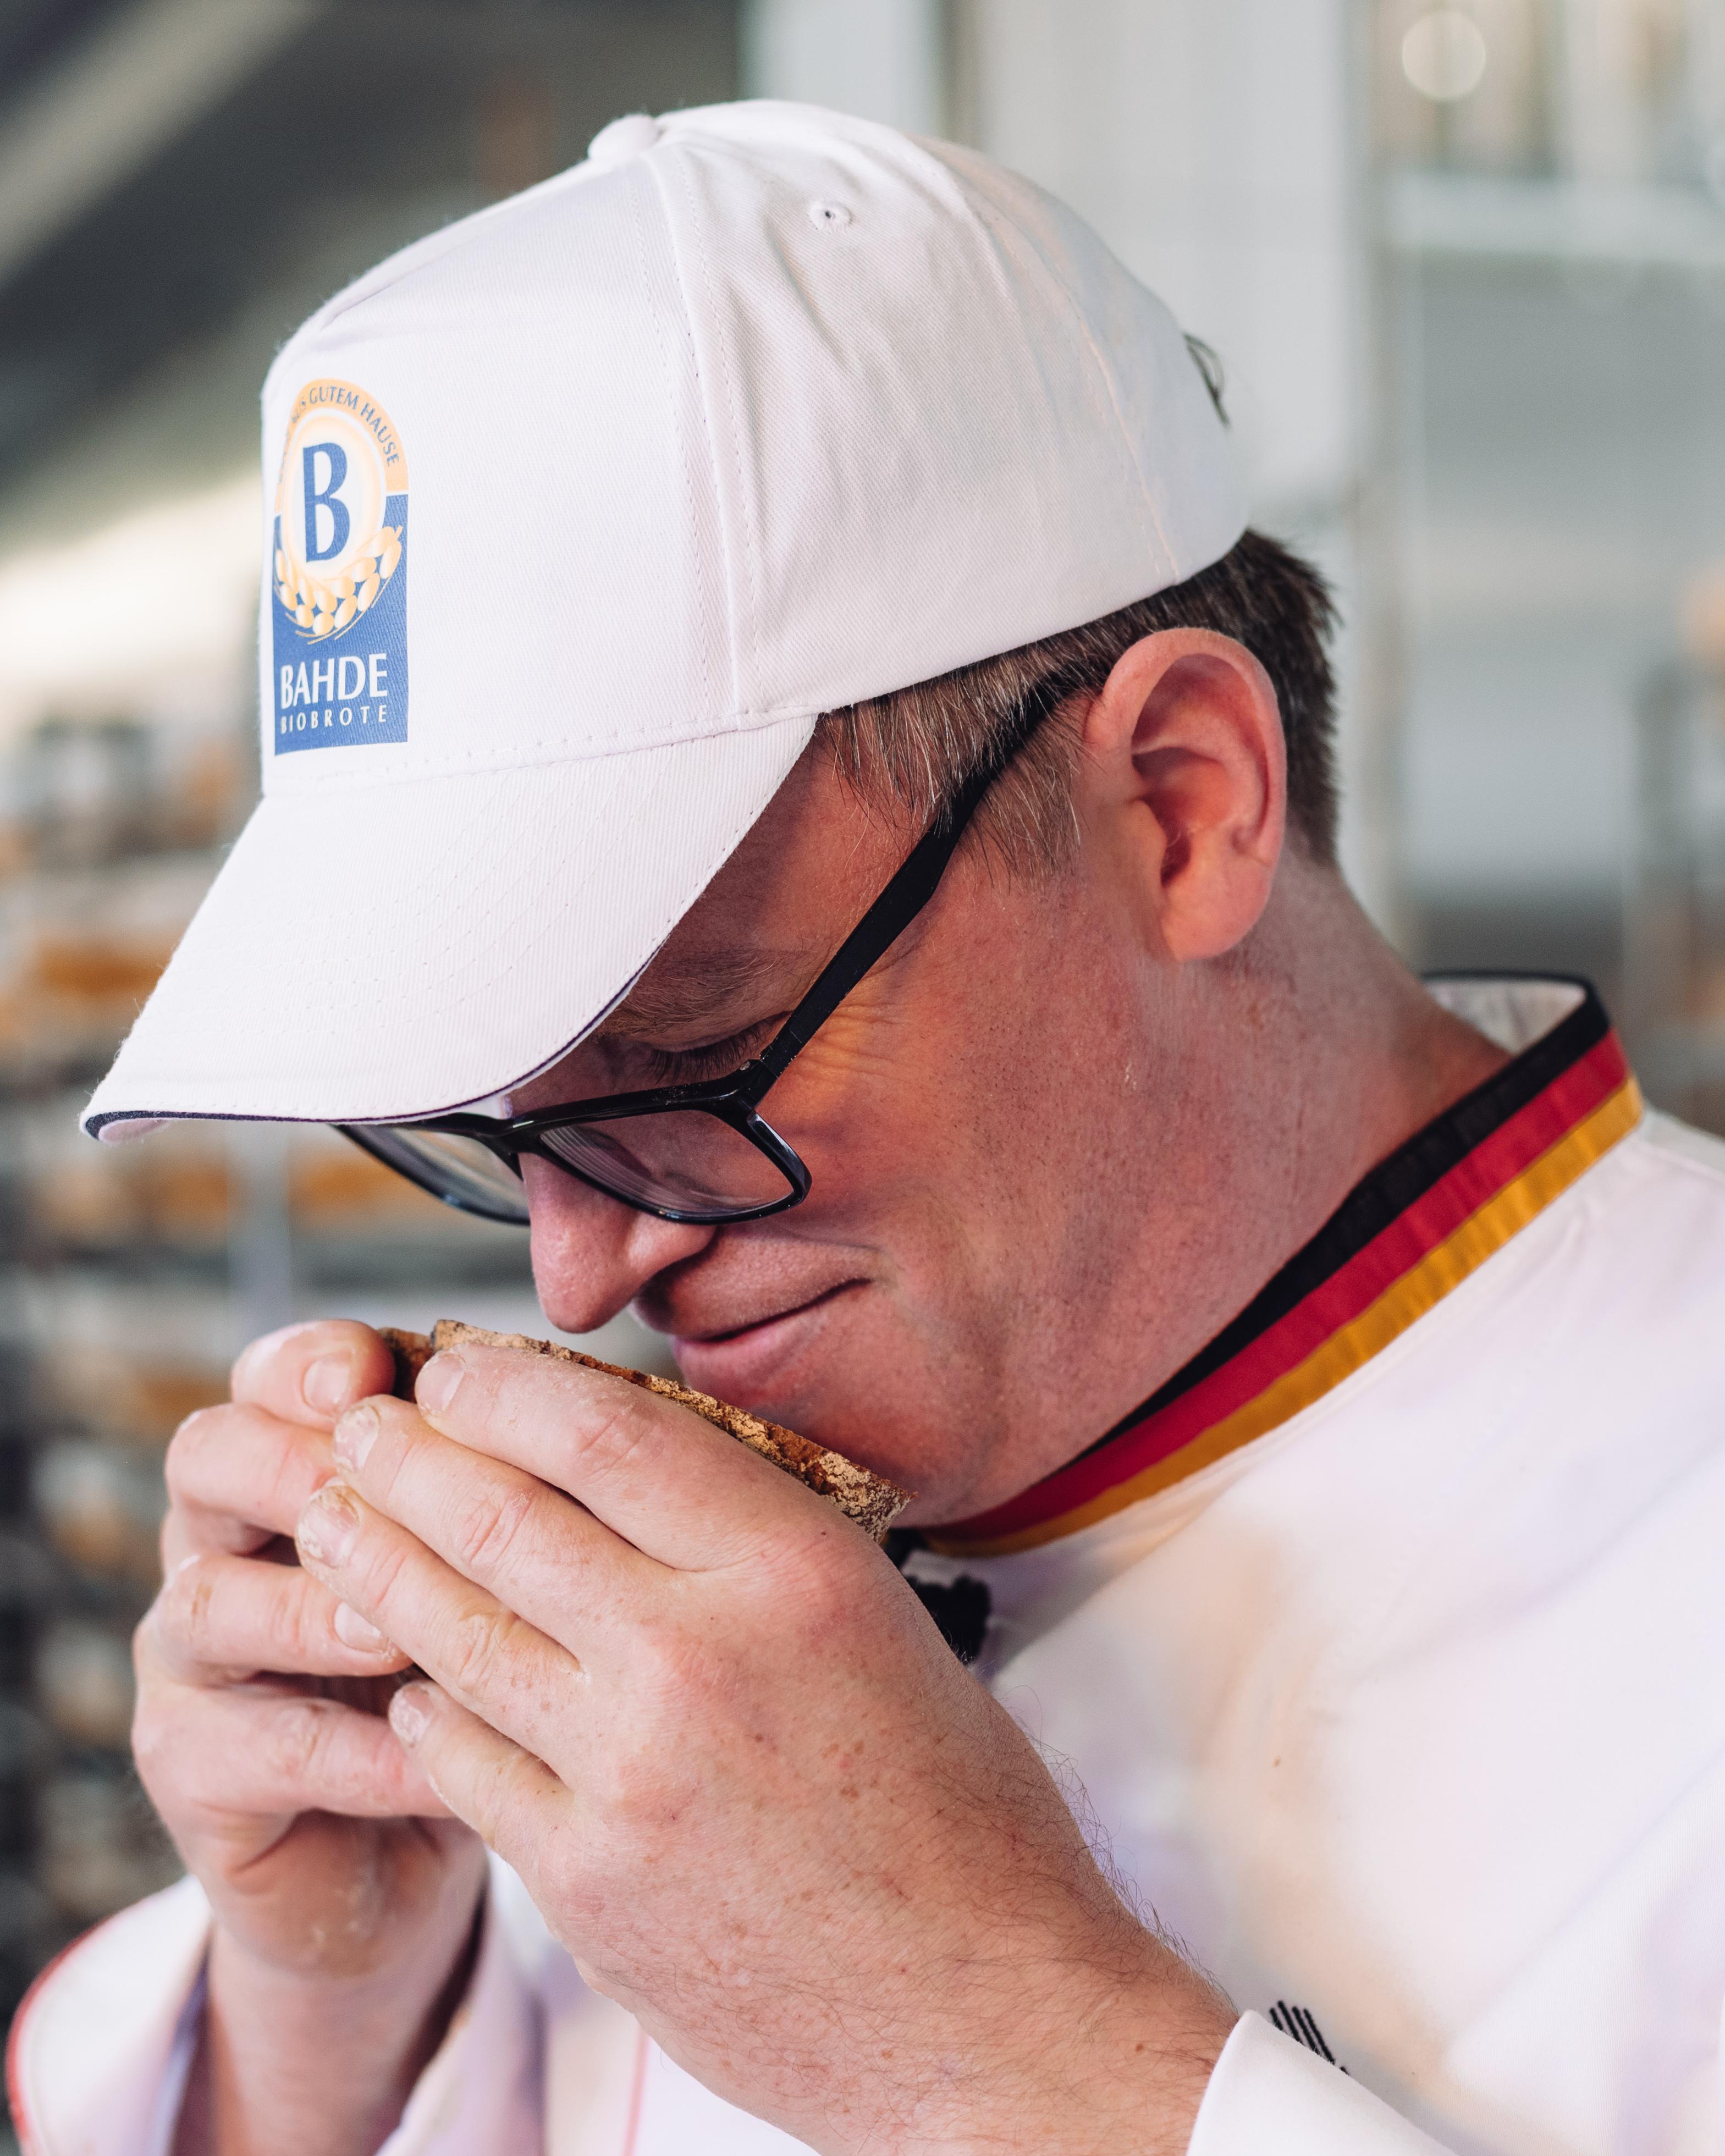 Brot-Sommelier und Bäckermeister Marco Holm riecht die NullProzent-Kruste und überprüft die Qualität.